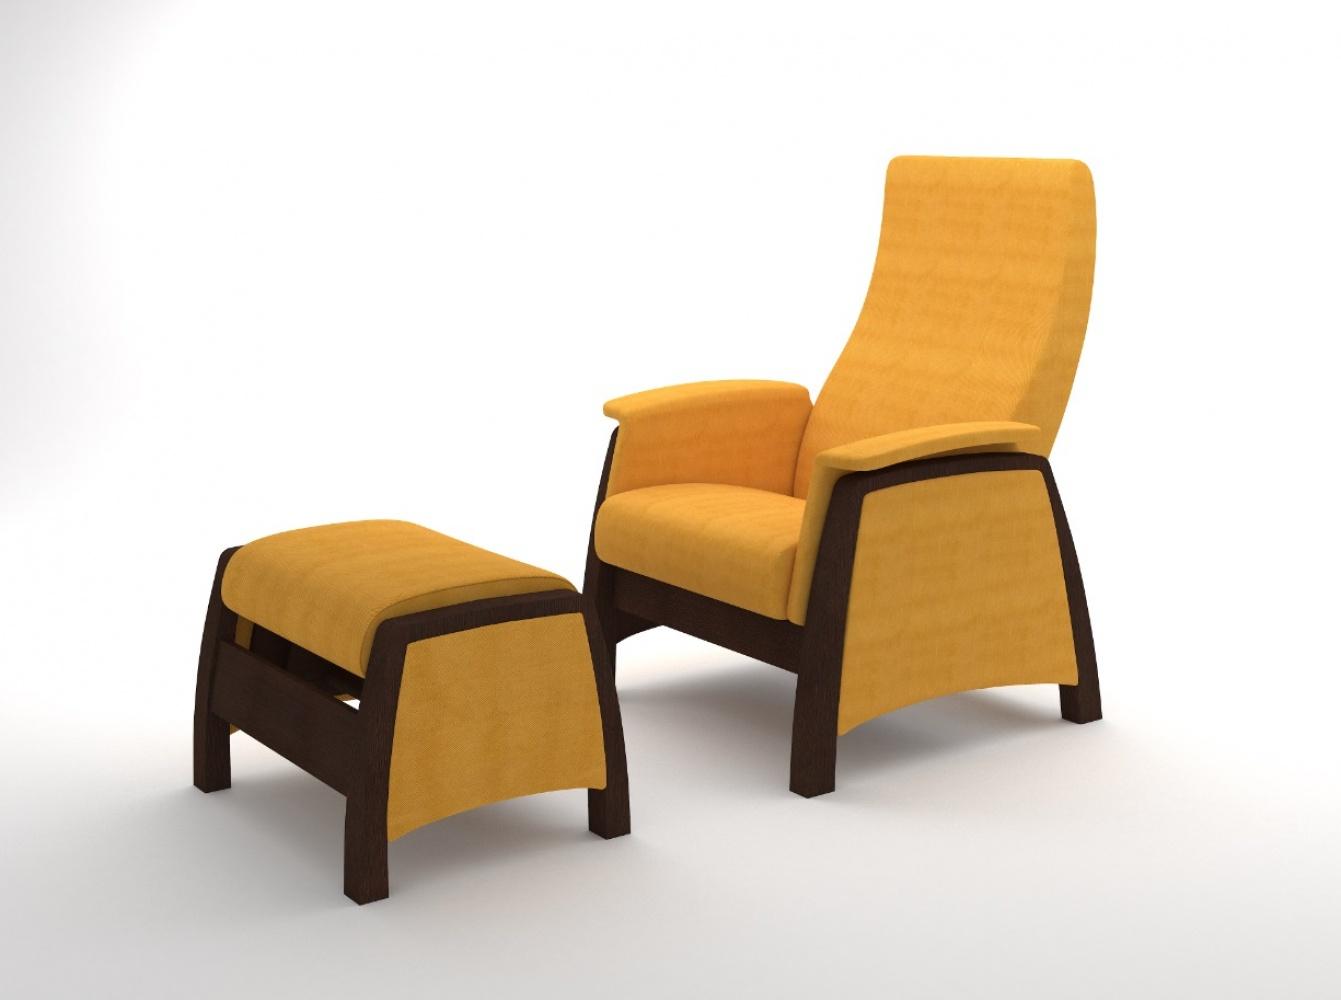 Sessel Gleitfunktion Mit Hocker Balance Walnuss Gelb Kaufen Bei